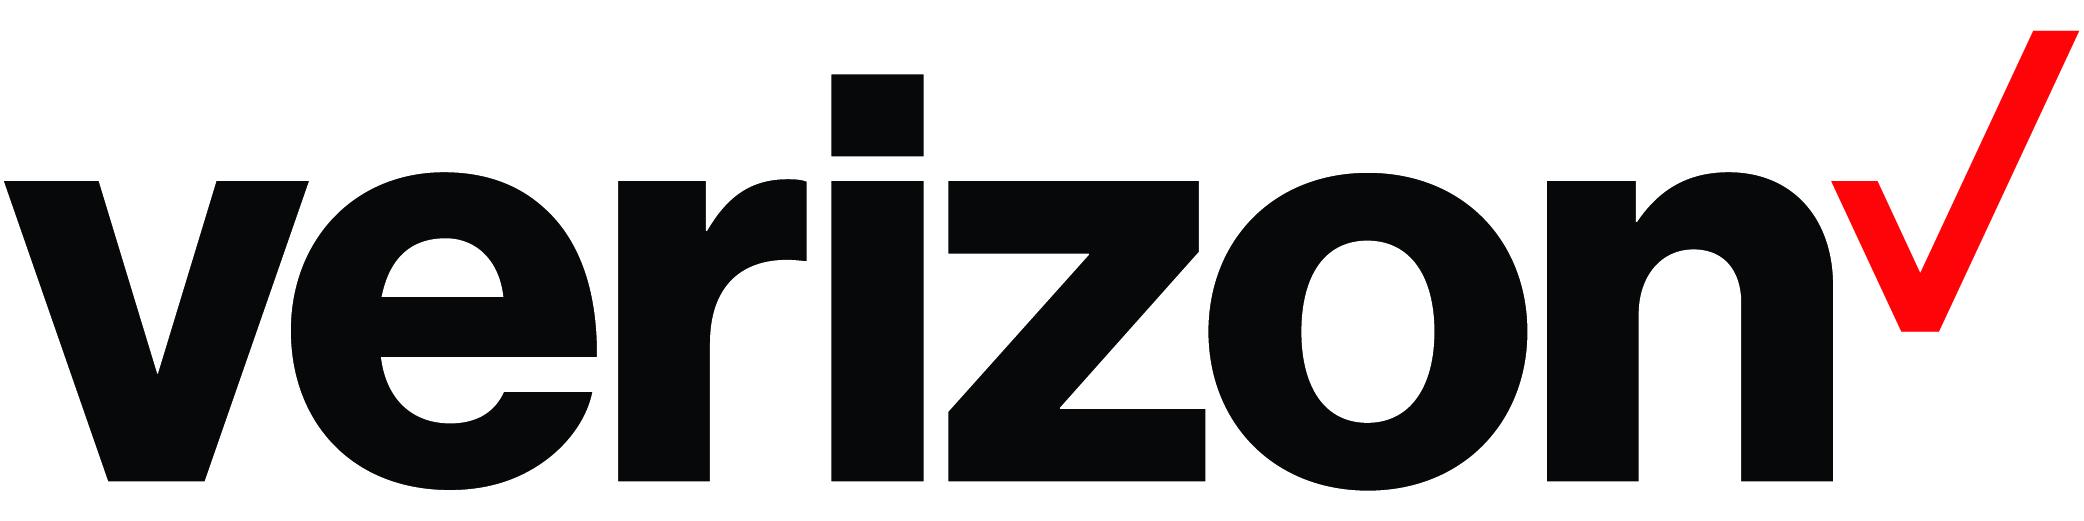 New Verizon Logo-01.jpg